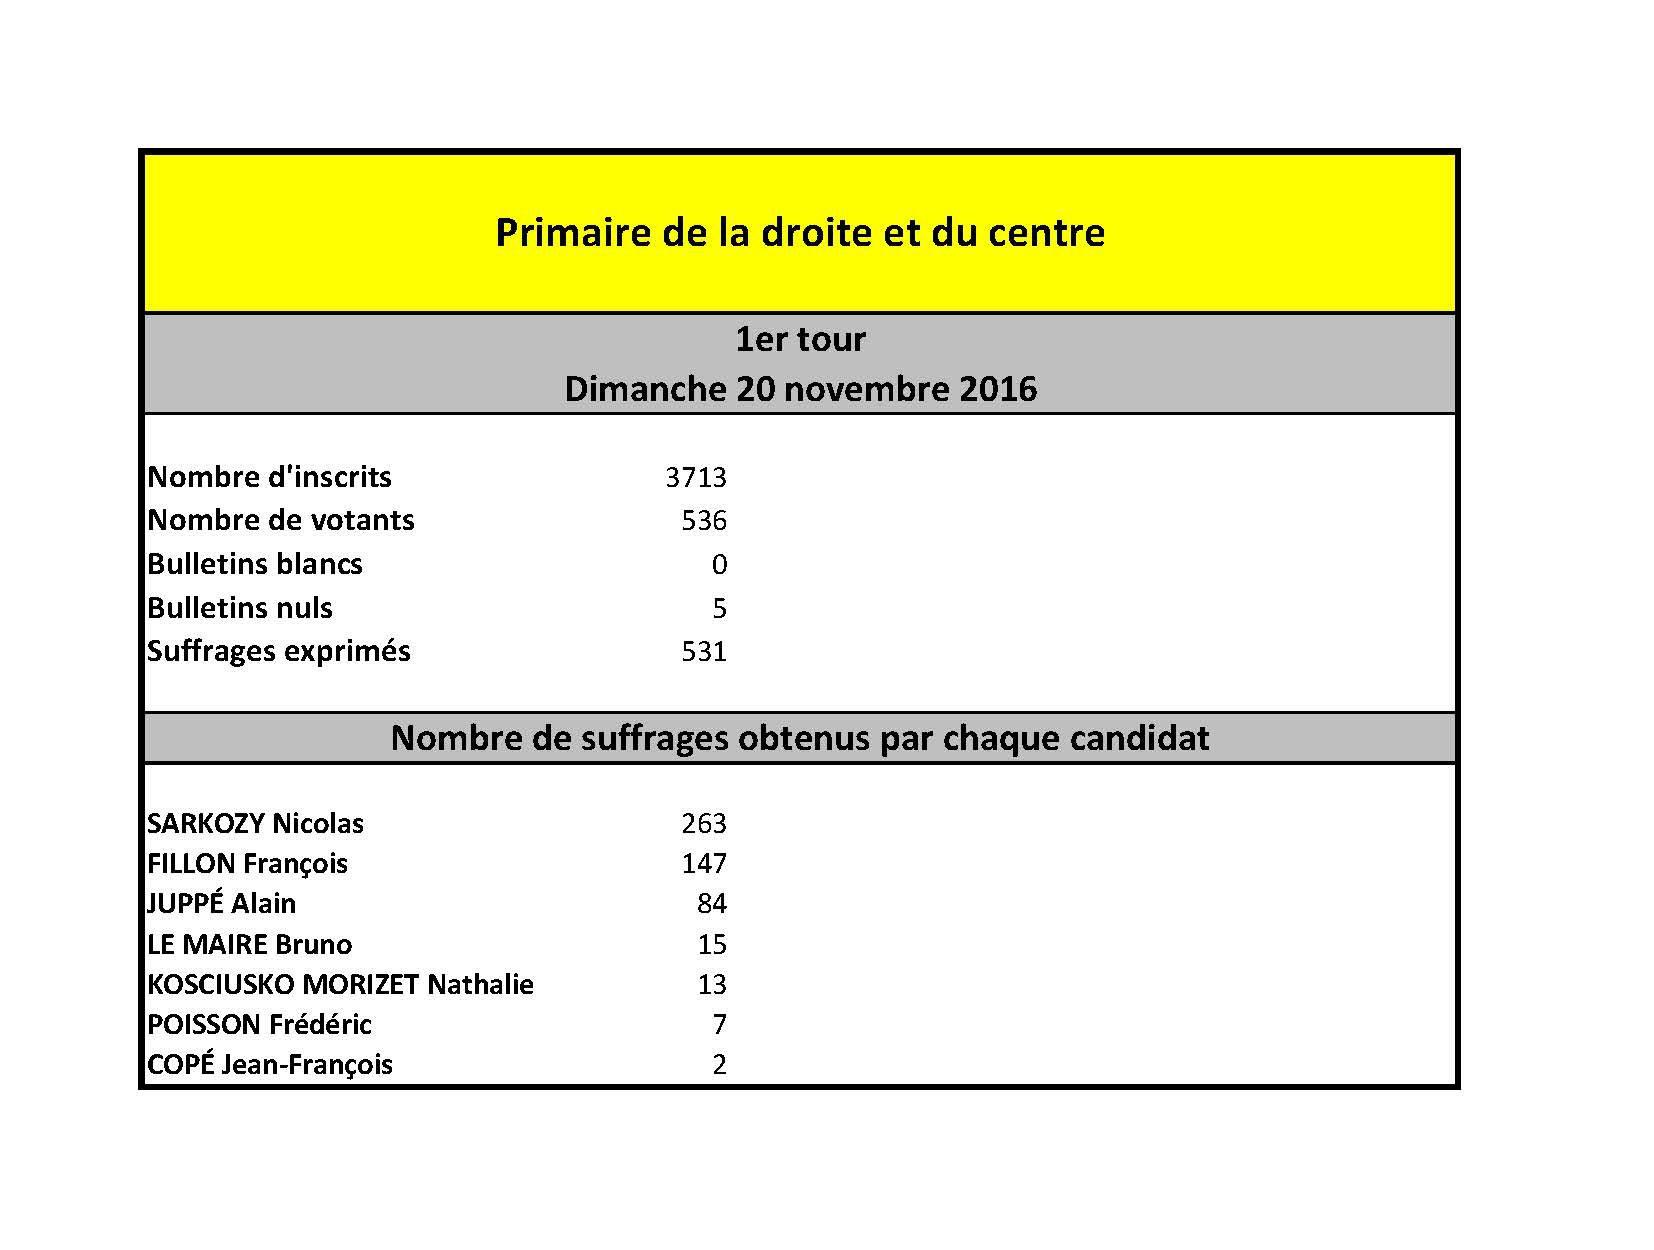 resultat_primaire_1er-tour